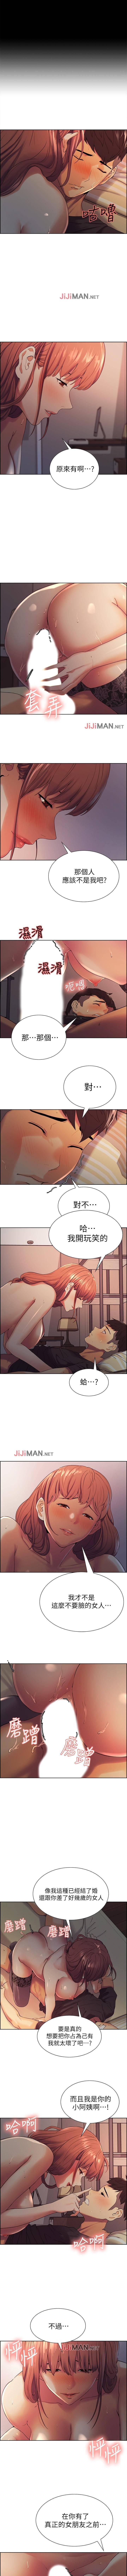 【周二连载】室友招募中(作者:Serious) 第1~15话 71